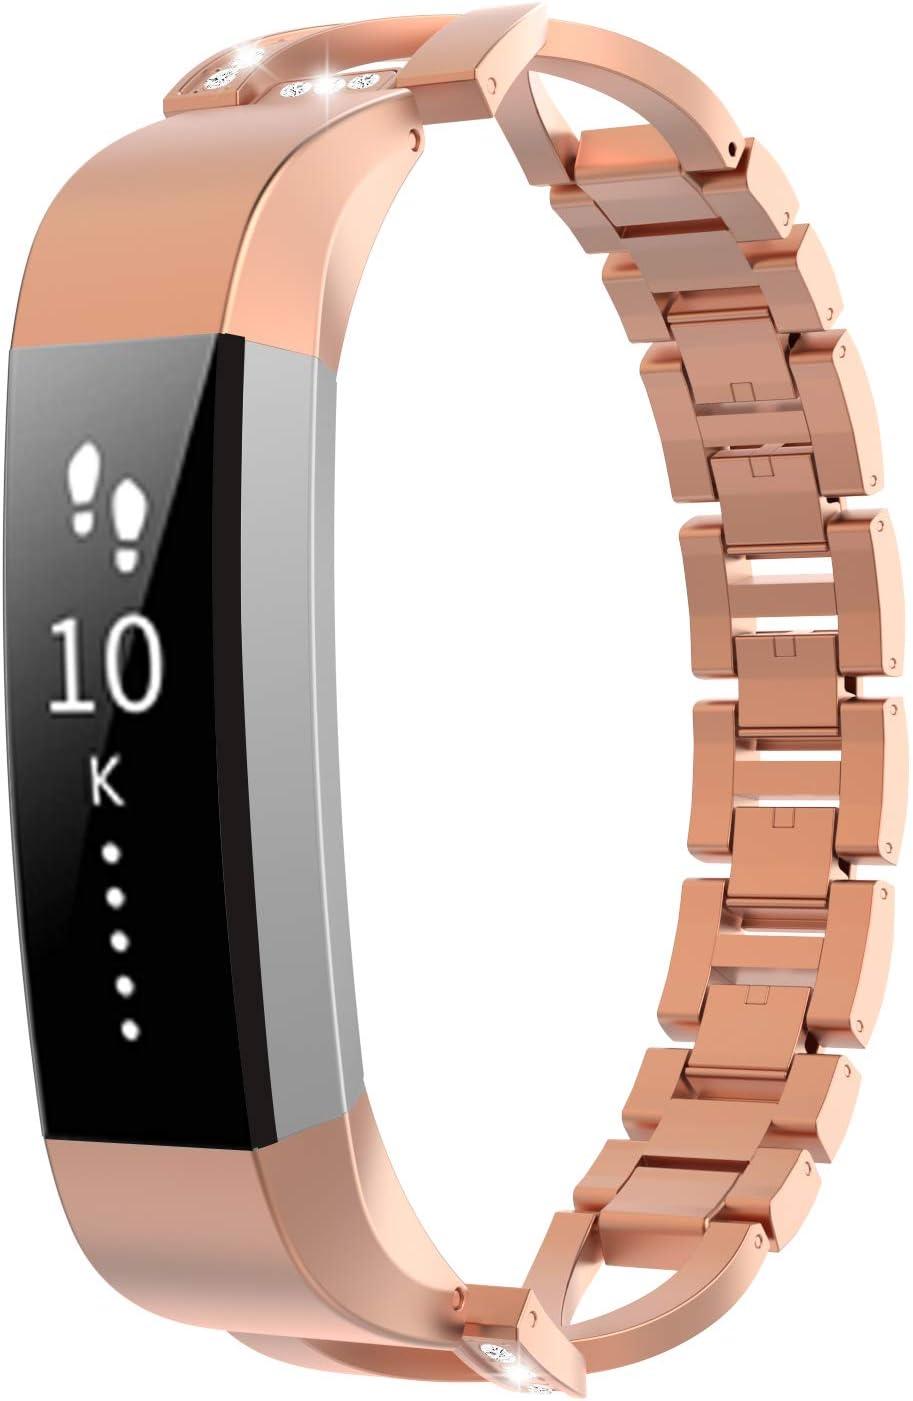 TiMOVO Correa Compatible con Fitbit Alta/Alta HR, Pulsera de Aleación de Metal con Incrustaciones de Diamantes Ajustable Respirable Compatible con Fitbit Alta/Alta HR - Oro Rosa